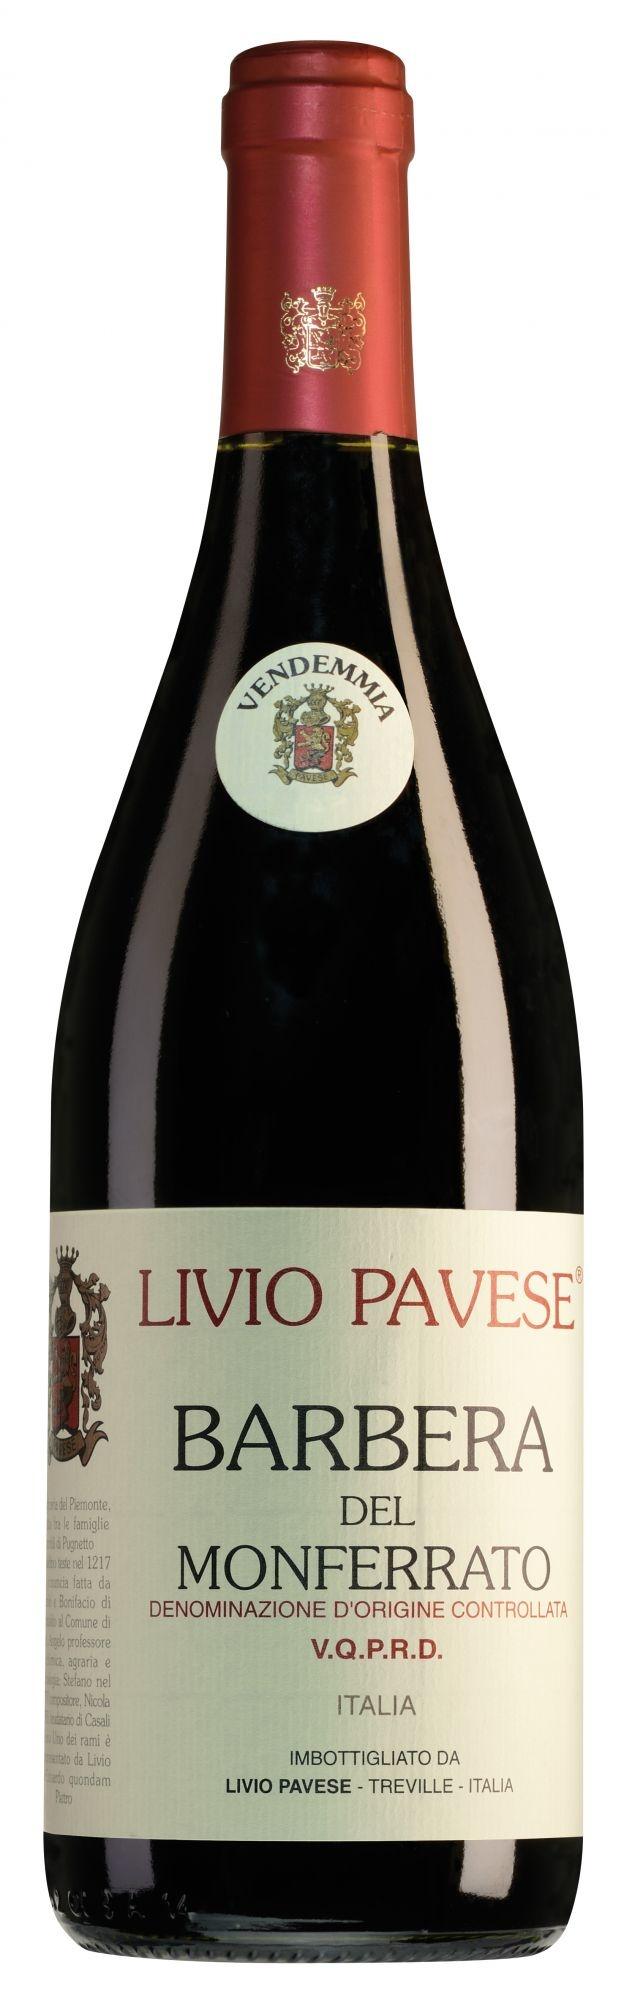 Livio Pavese Barbera del Monferrato 2020